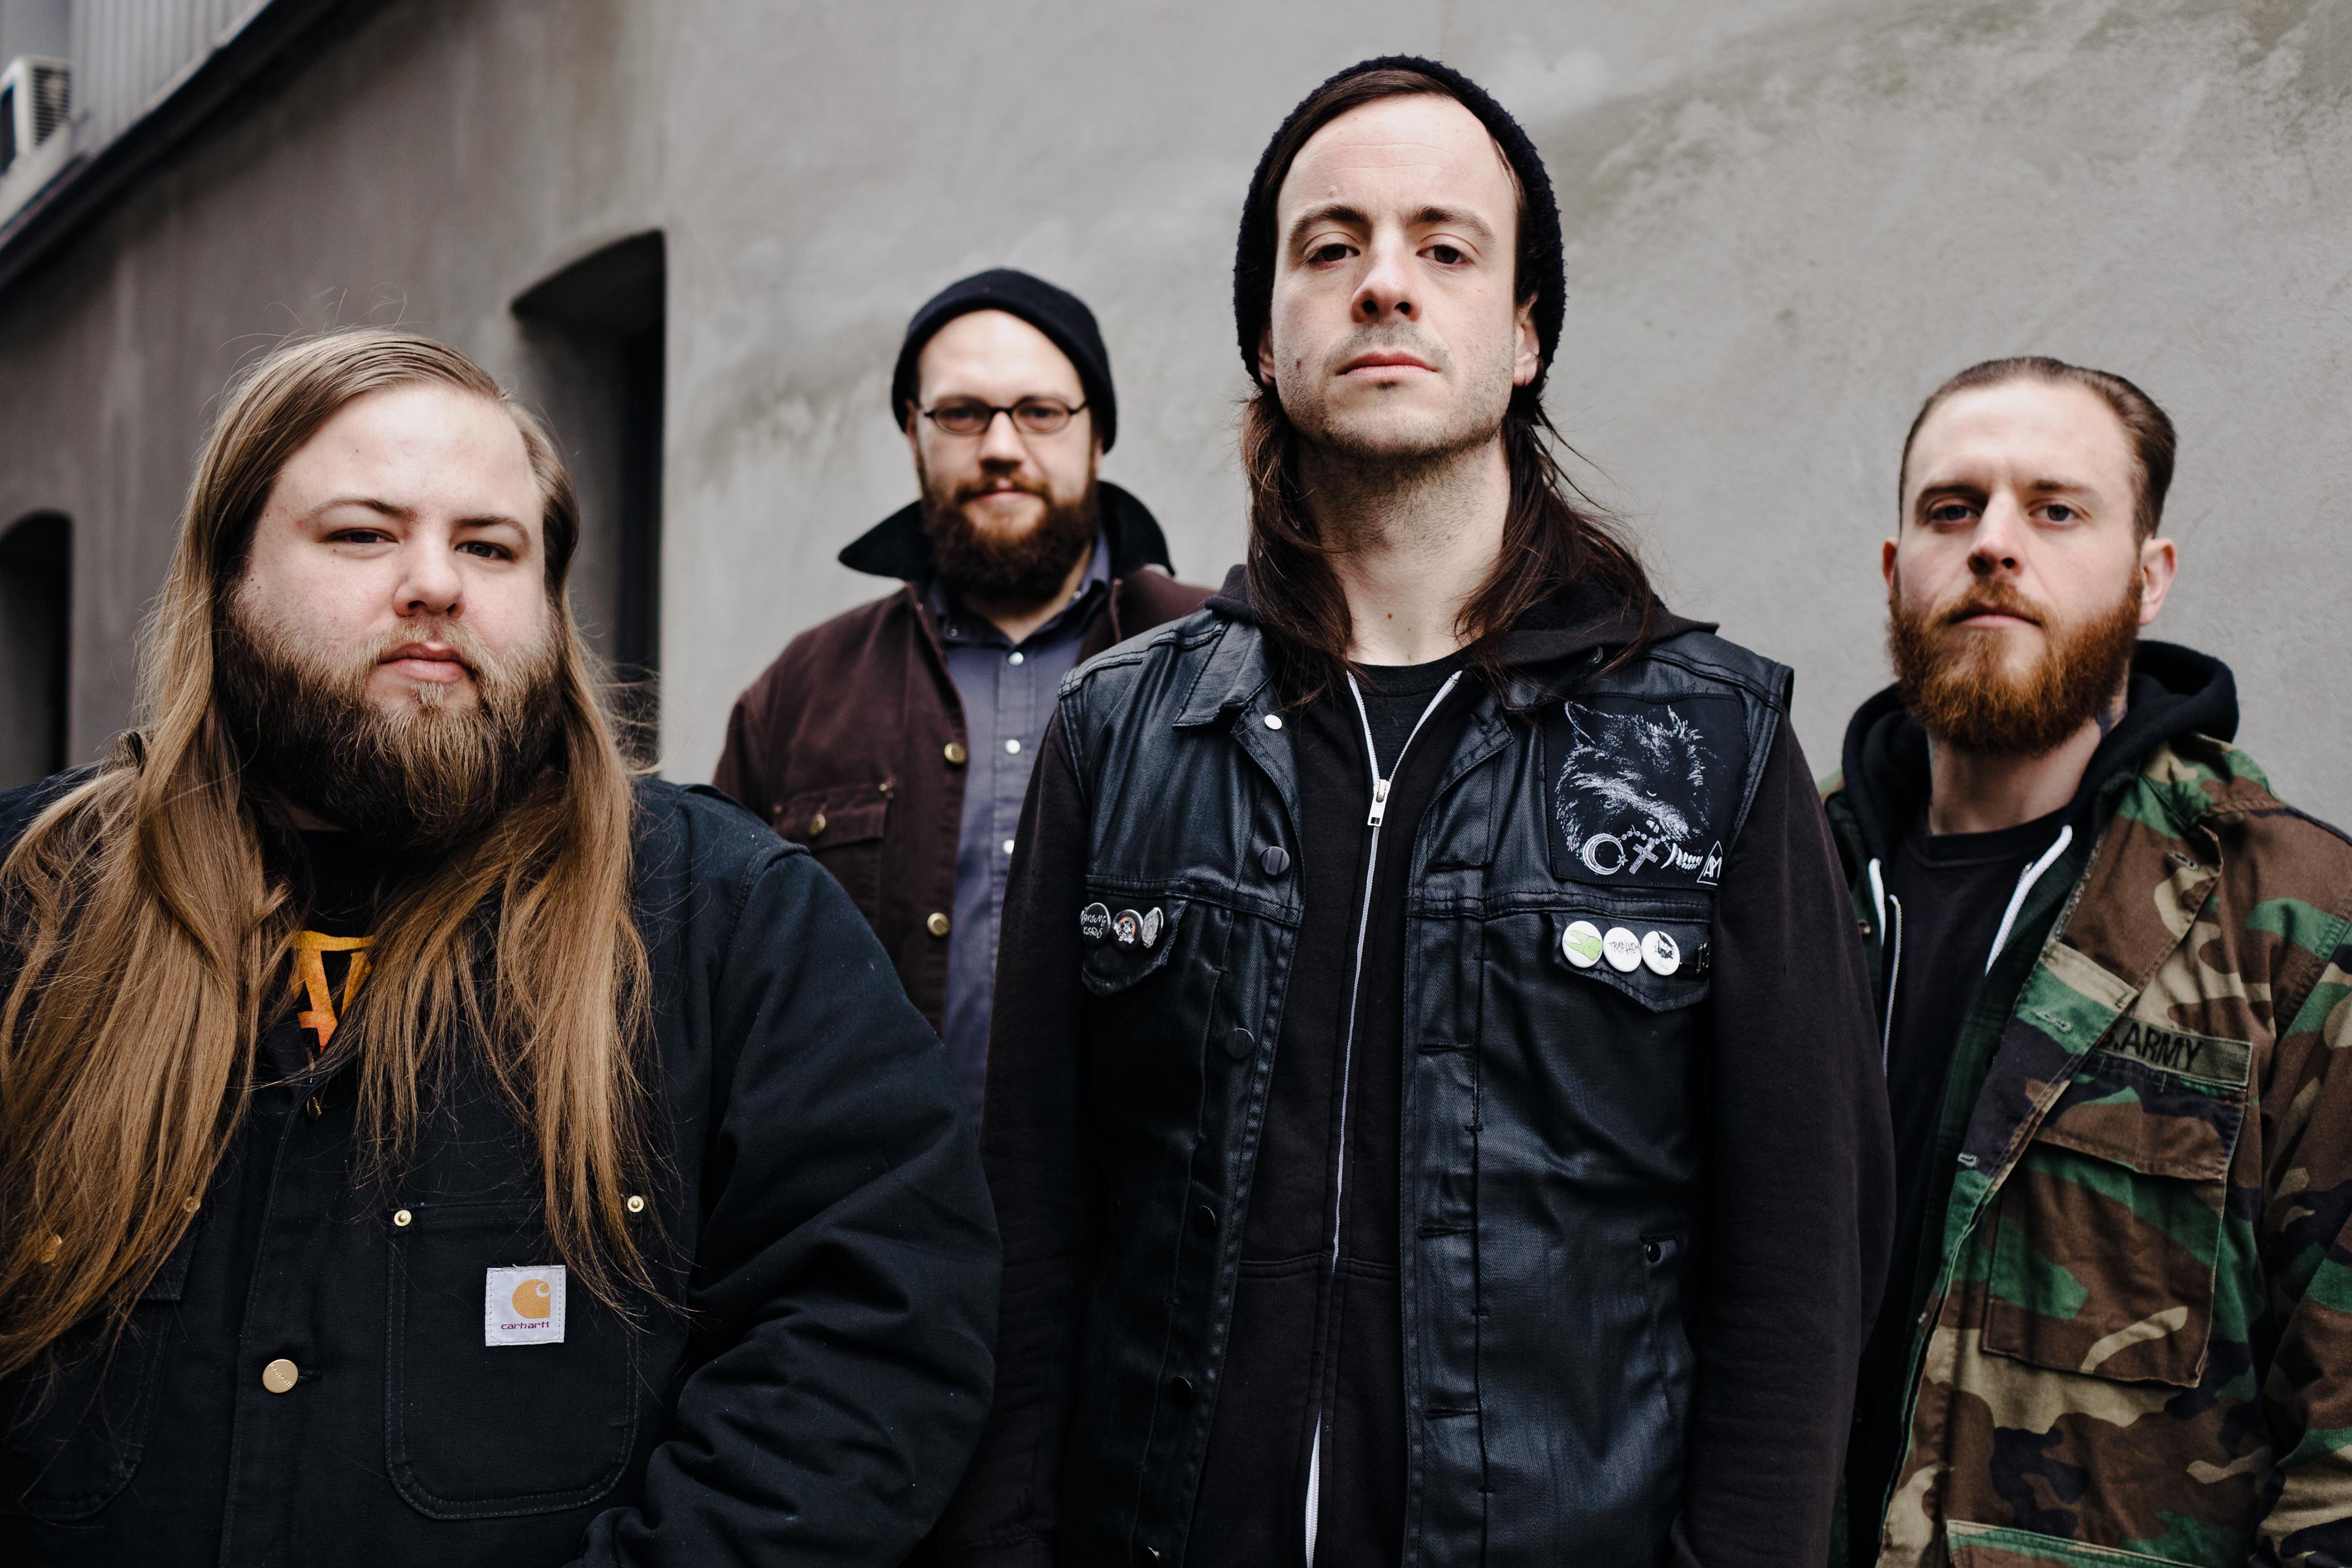 Scrap Metal Band Tour Dates